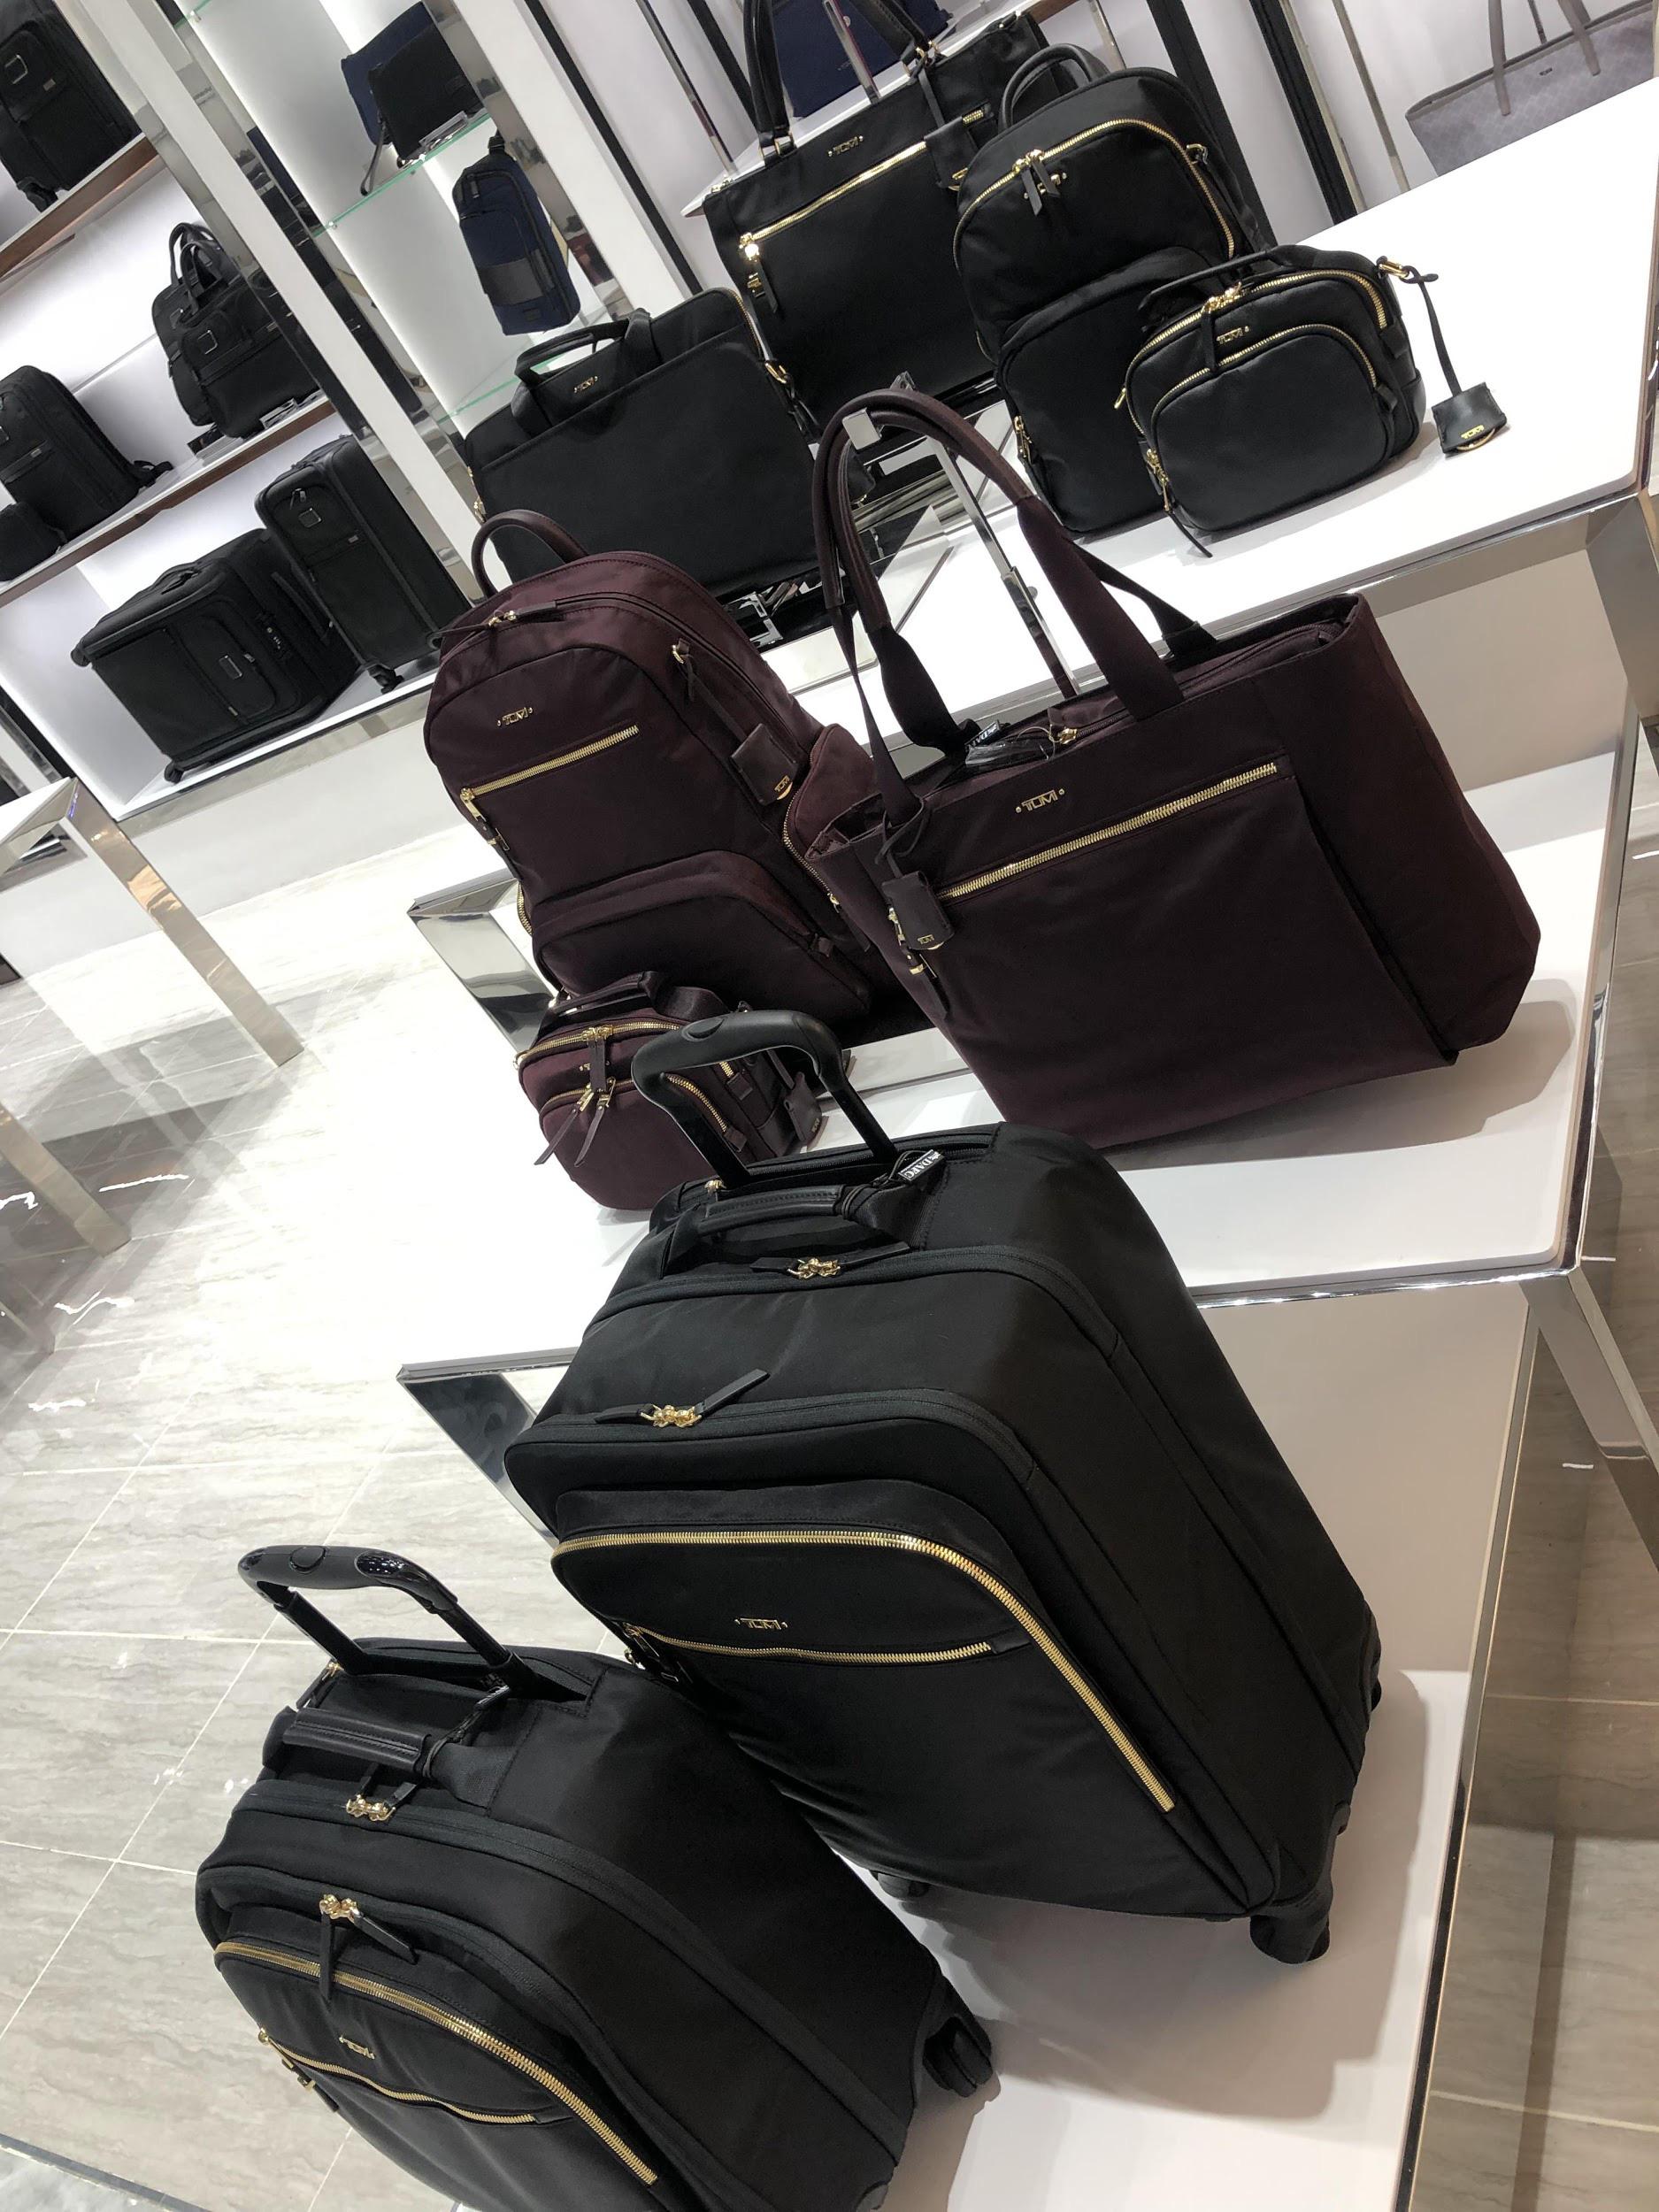 Đột nhập khu mua sắm xa xỉ bậc nhất quận 7 với sự góp mặt của 5 ông lớn ngành thời trang thế giới - Ảnh 10.